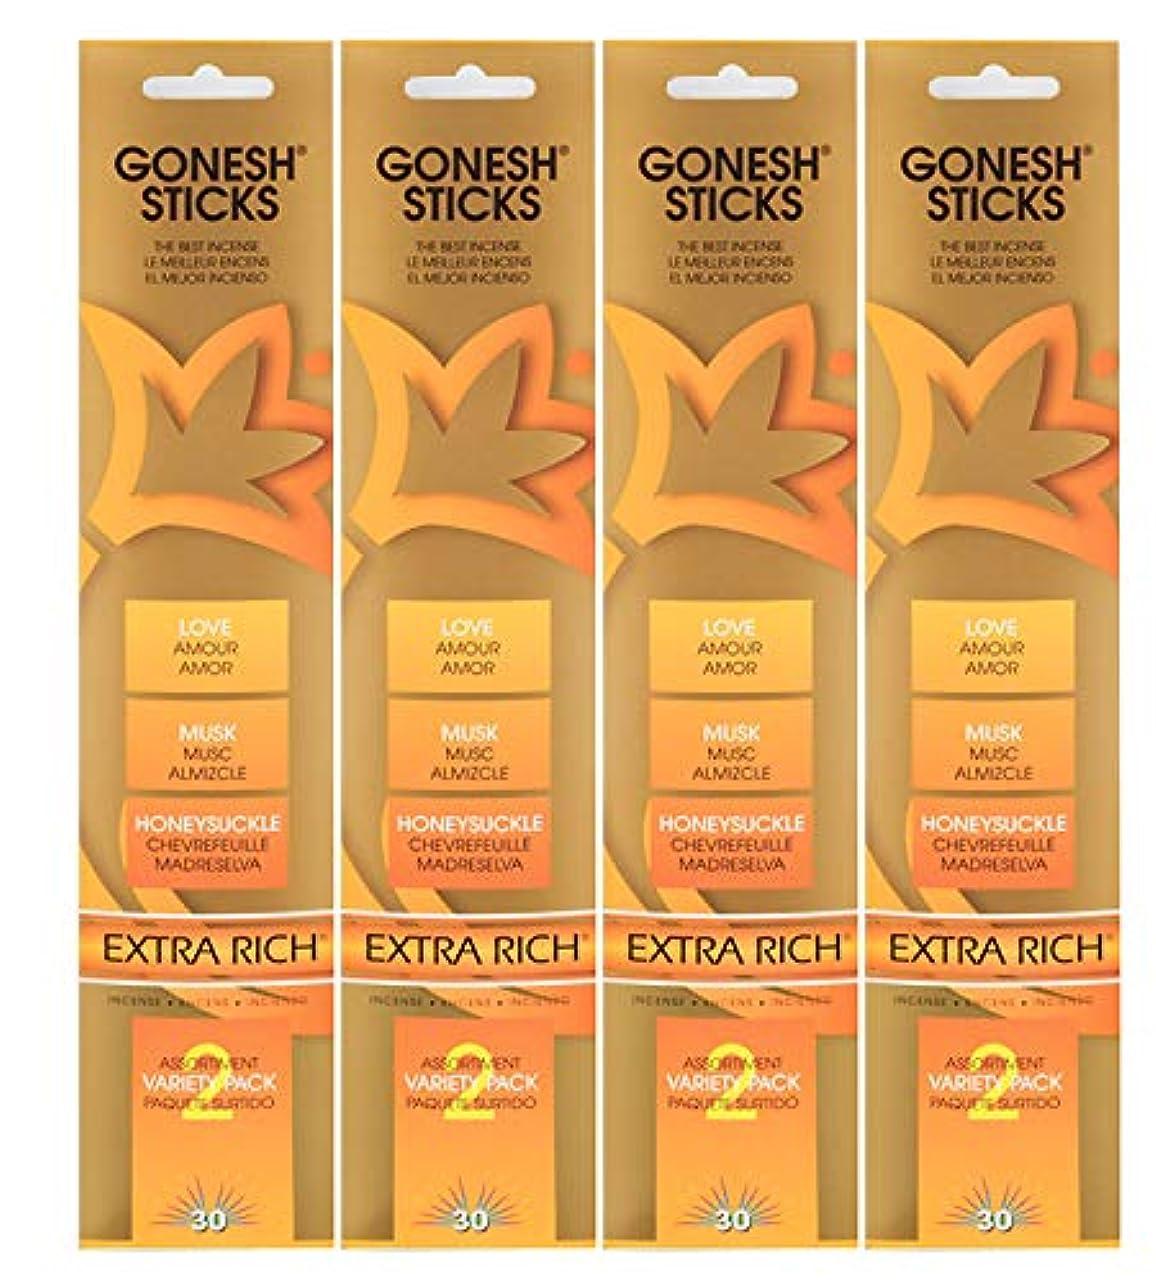 テニスもつれめ言葉Gonesh Incense Sticks – Extra Rich Variety Pack # 2 (愛、ムスク、スイカズラ) Lot of 4